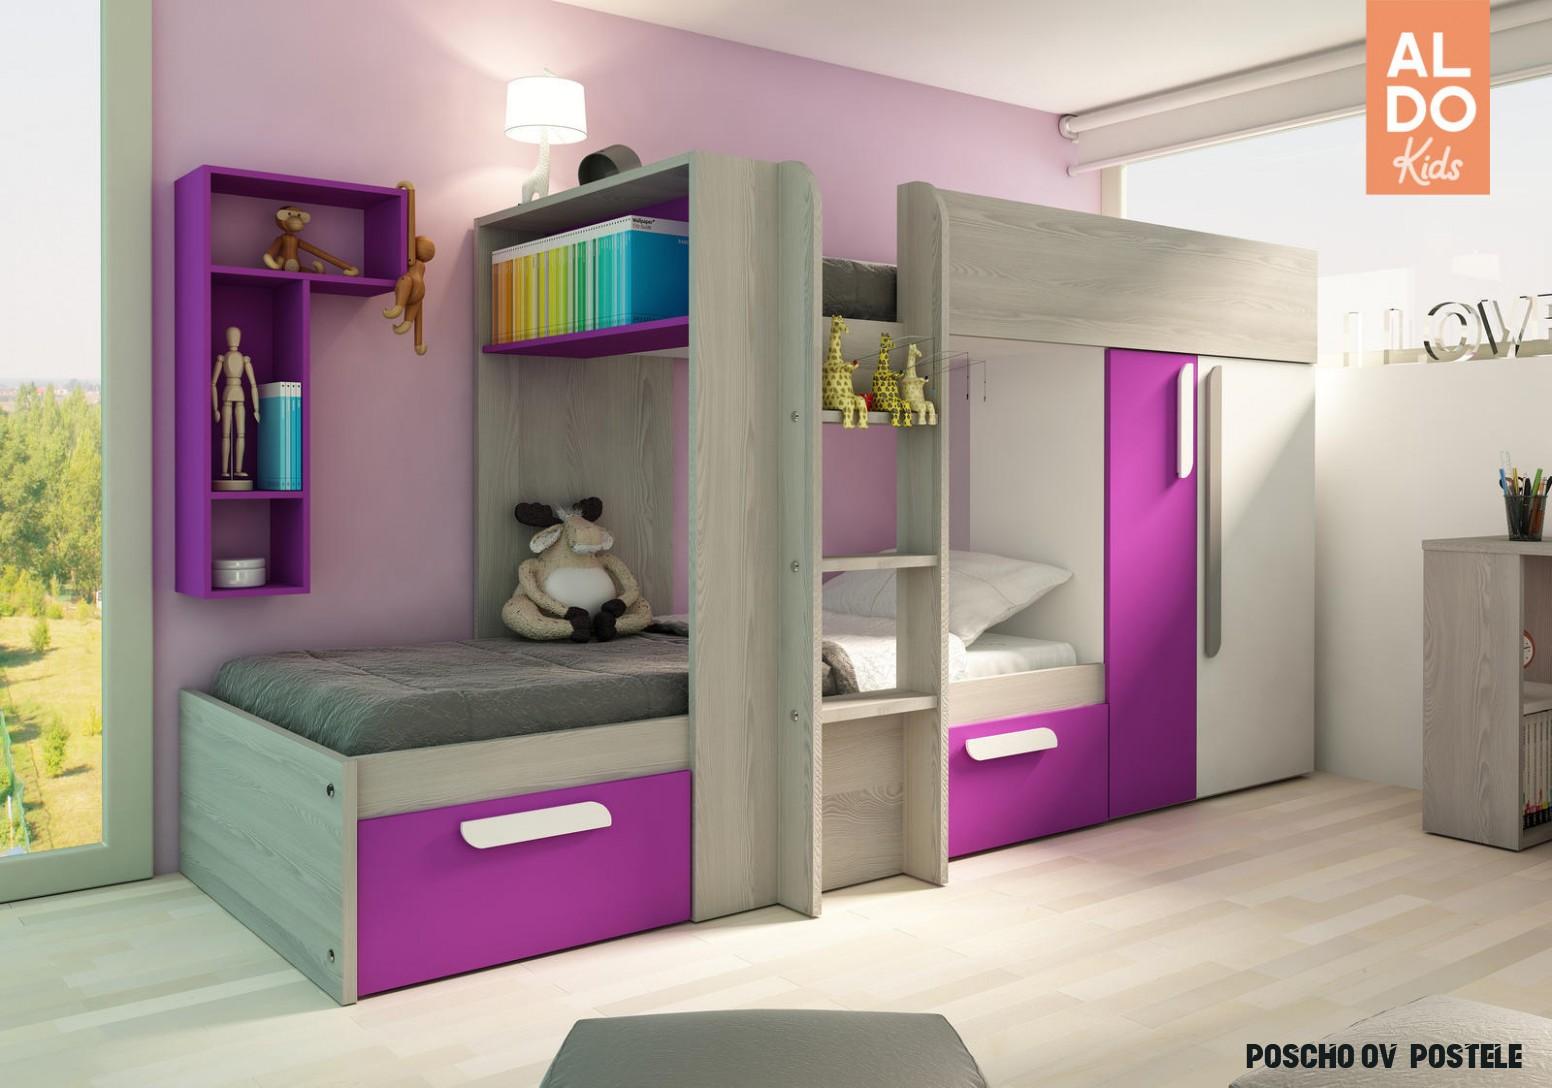 Poschodová posteľ pre dievčatá B s ružovými prvkami